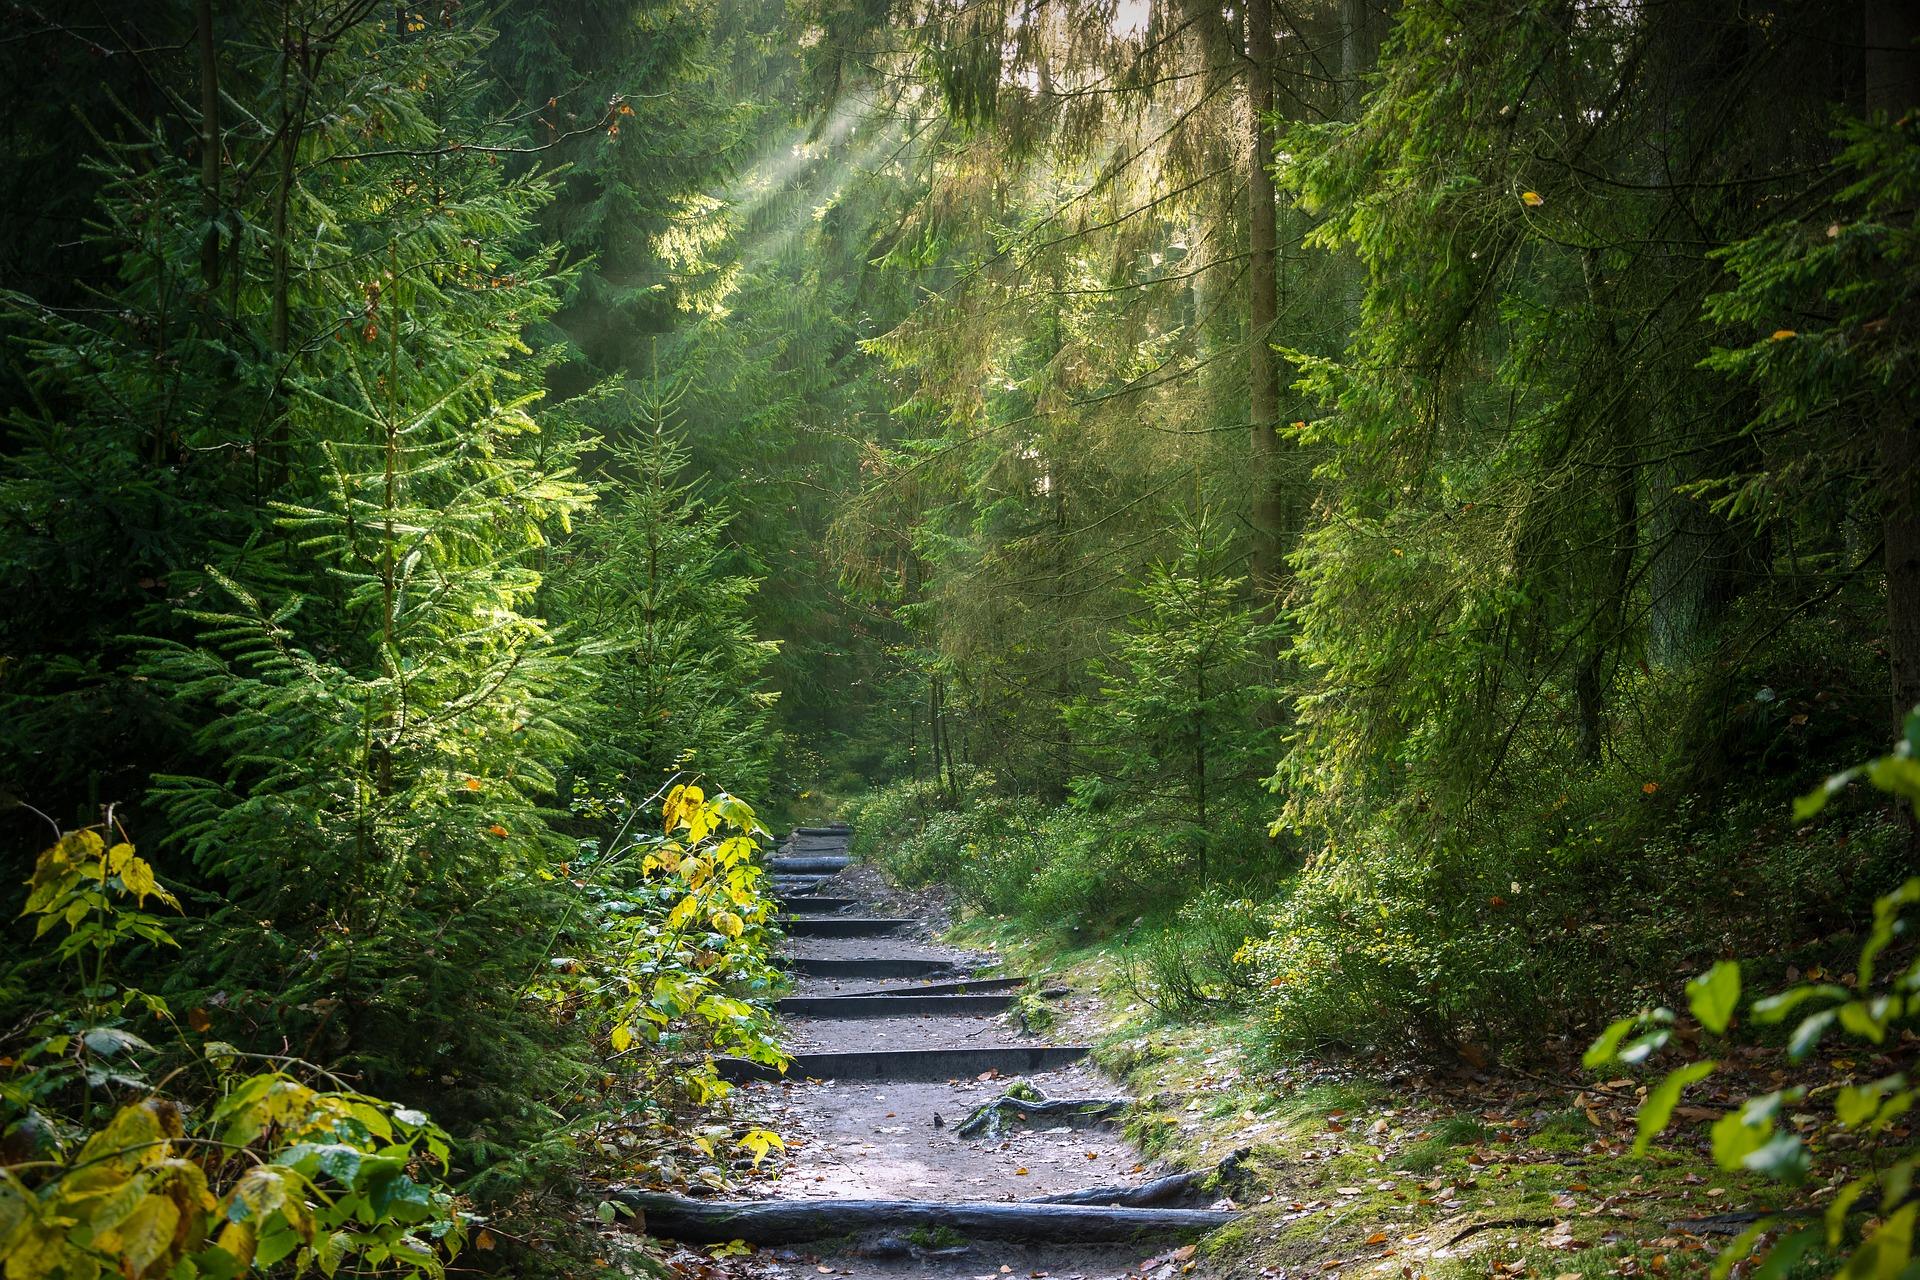 Der Wald birgt einen großen Schatz an Heilkraft